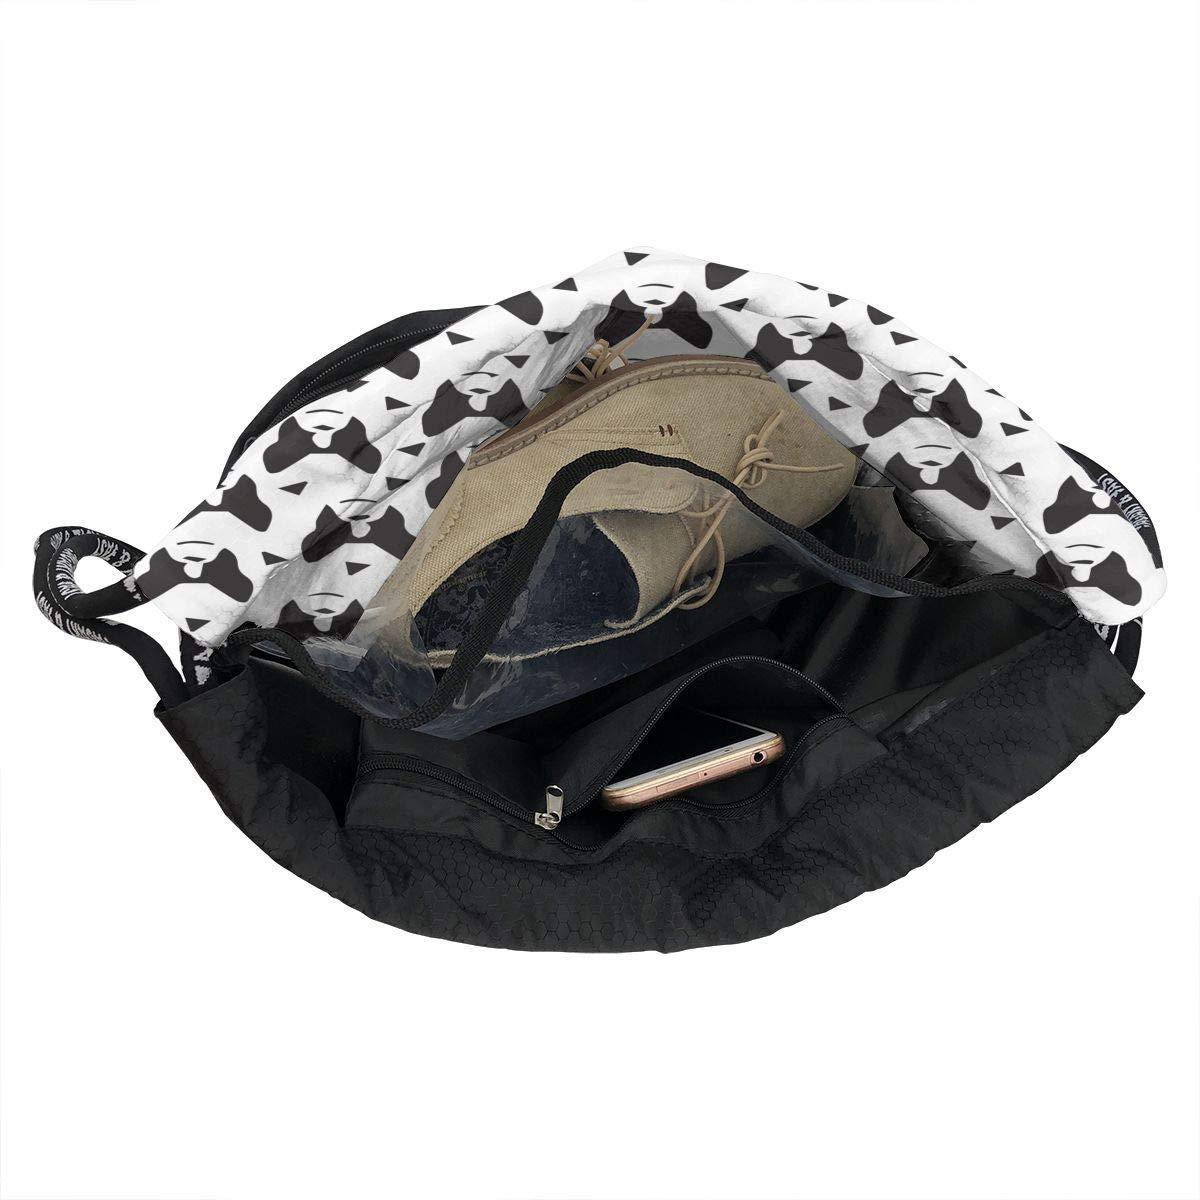 HUOPR5Q Boston Terrier Dog Drawstring Backpack Sport Gym Sack Shoulder Bulk Bag Dance Bag for School Travel